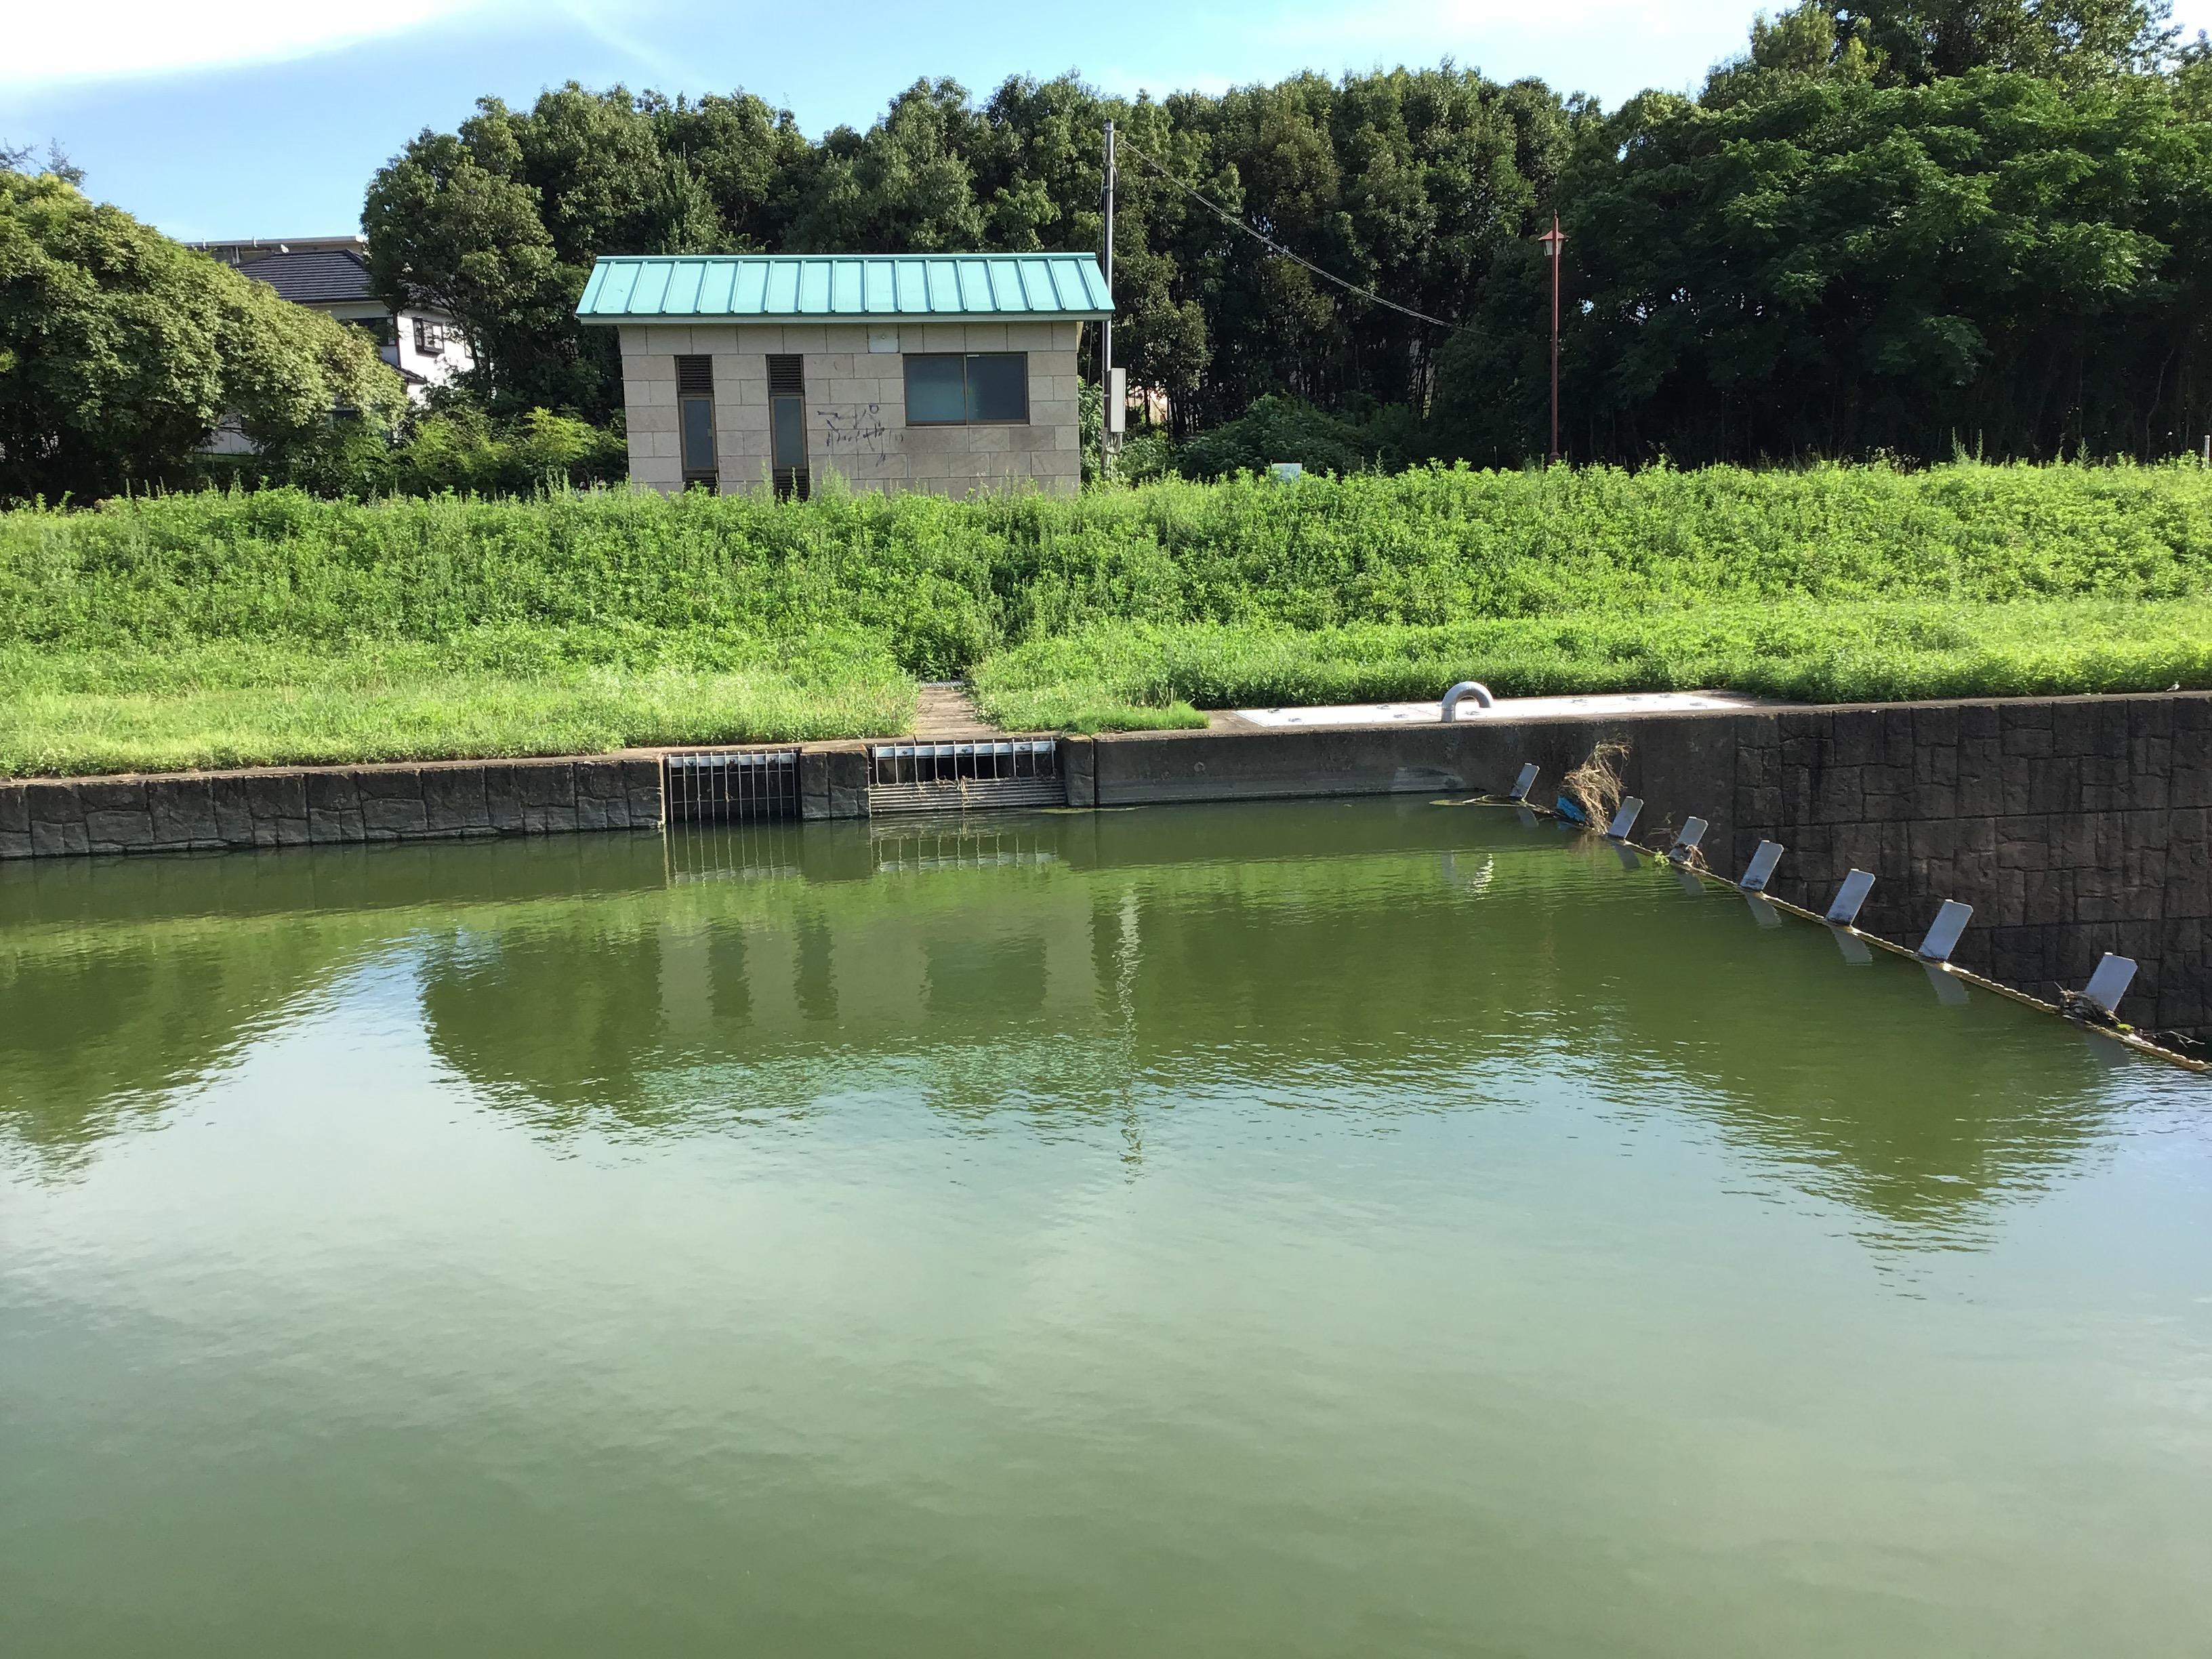 転倒井堰上流部の水田への取水口。水位上昇時には写真右の転倒井堰が倒れ下流に水は流れるそうです。